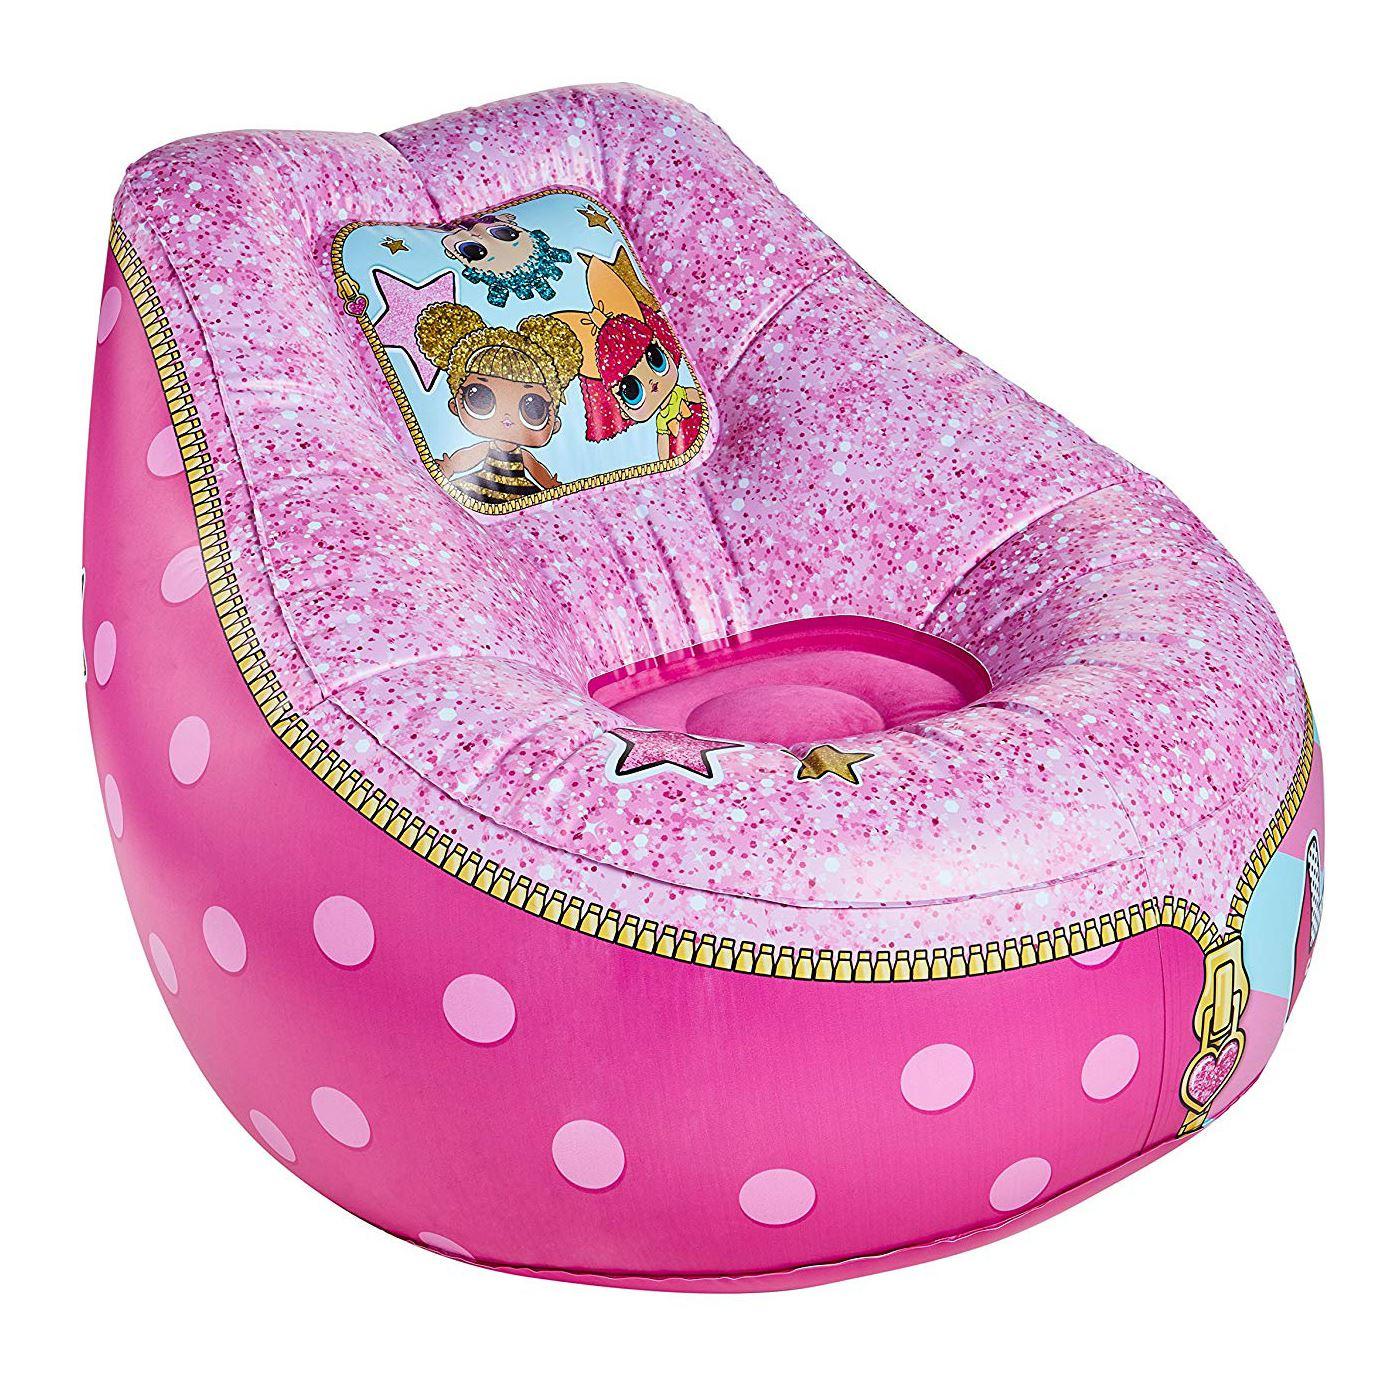 Indexbild 7 - Kinder Aufblasbarer Sessel - PAW PATROL, My LIttle Pony, Star Wars, Toy Story